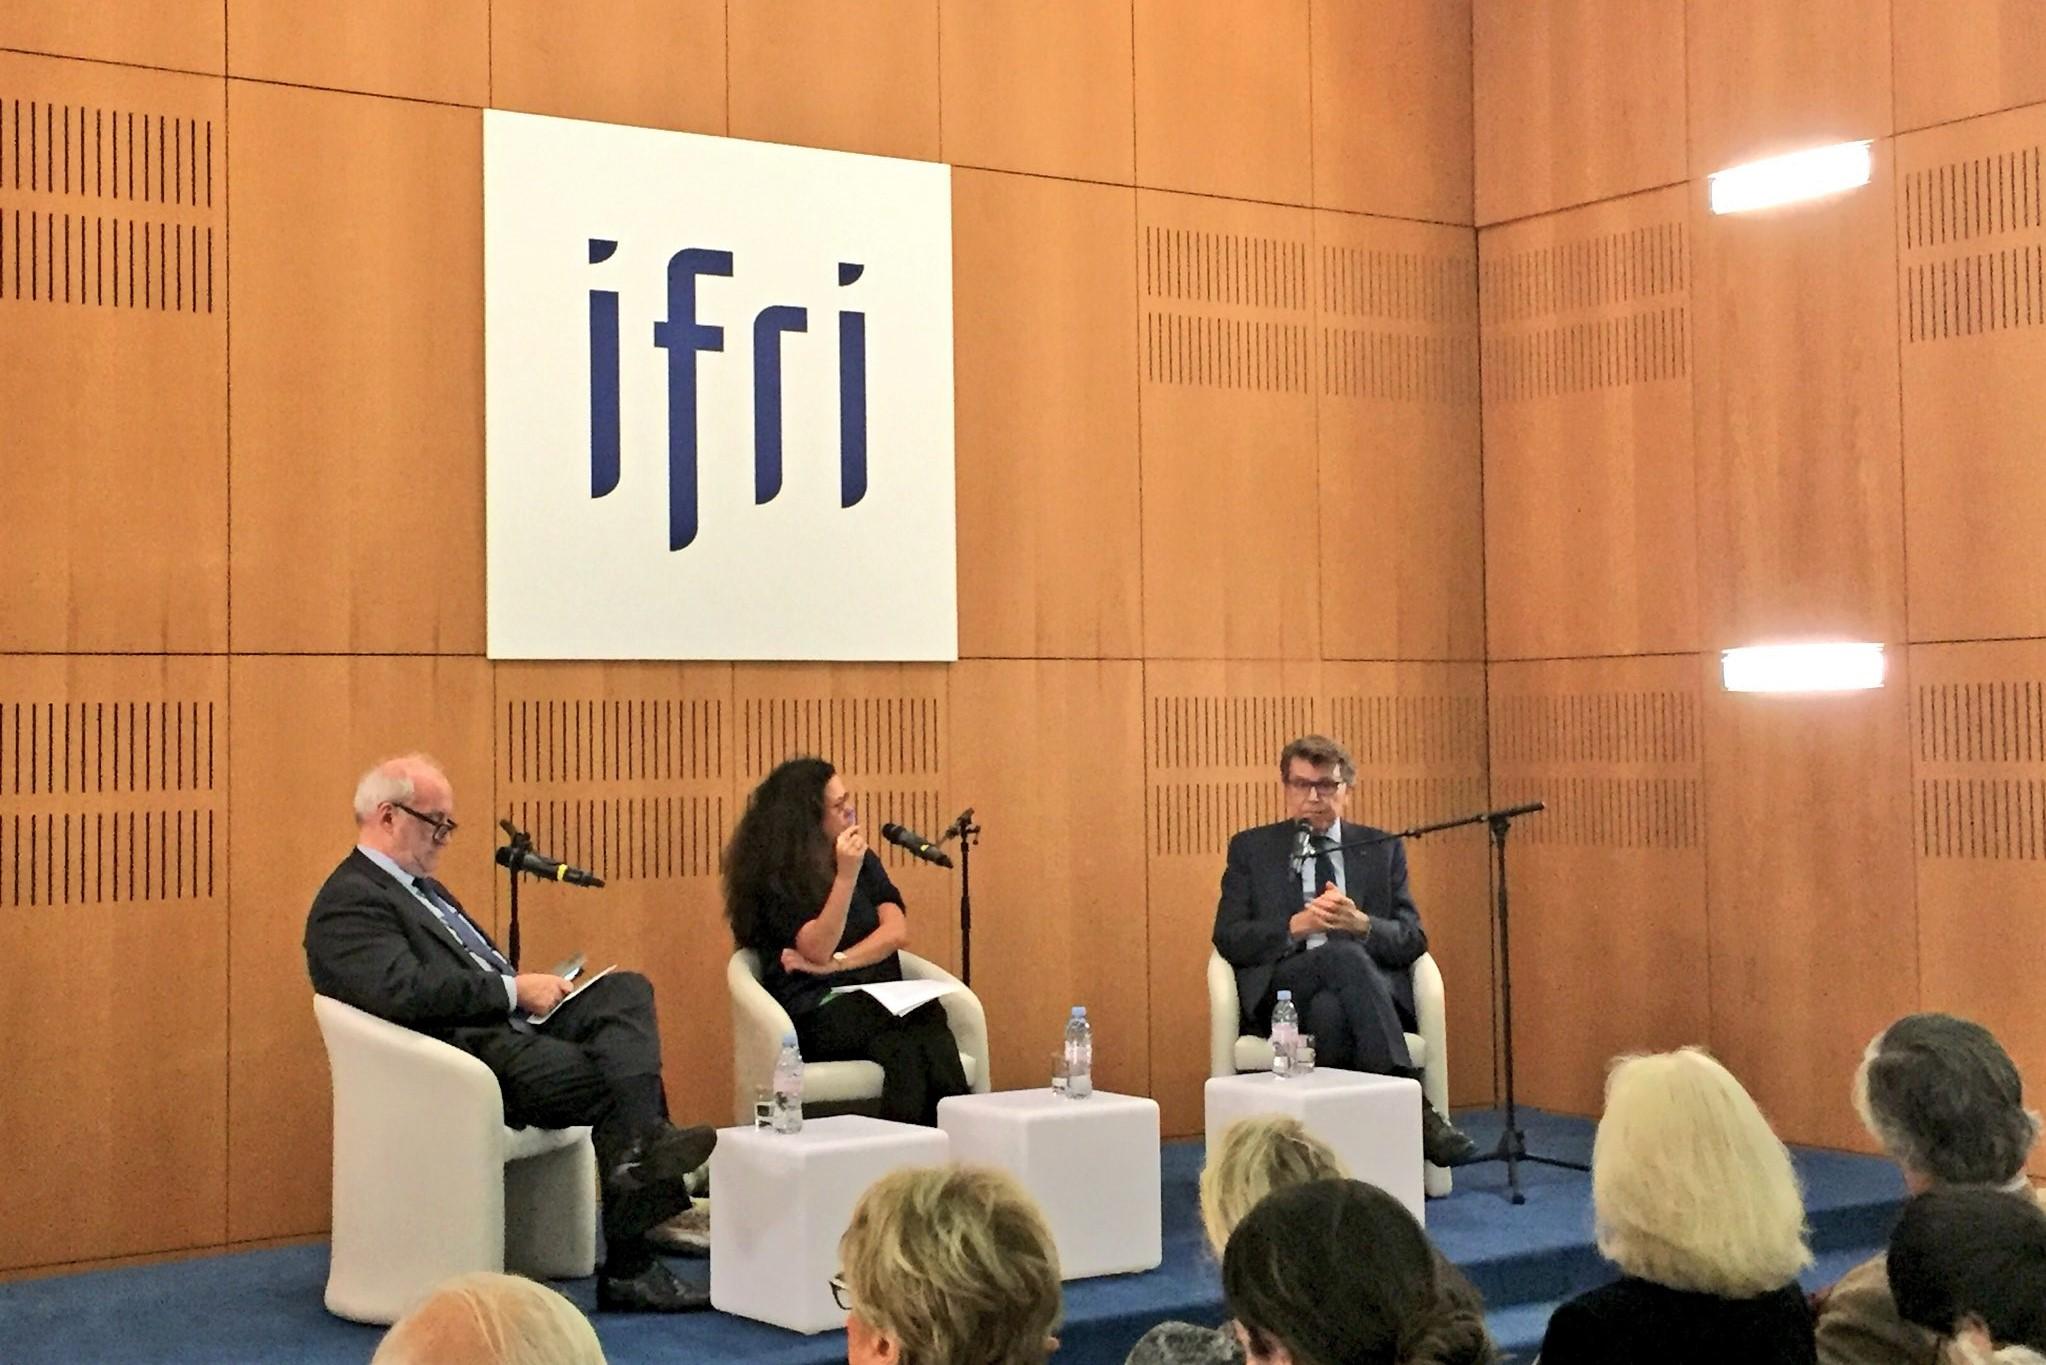 Conférence Thierry de Montbrial et Hubert Védrine, Ifri le 7/11/2018